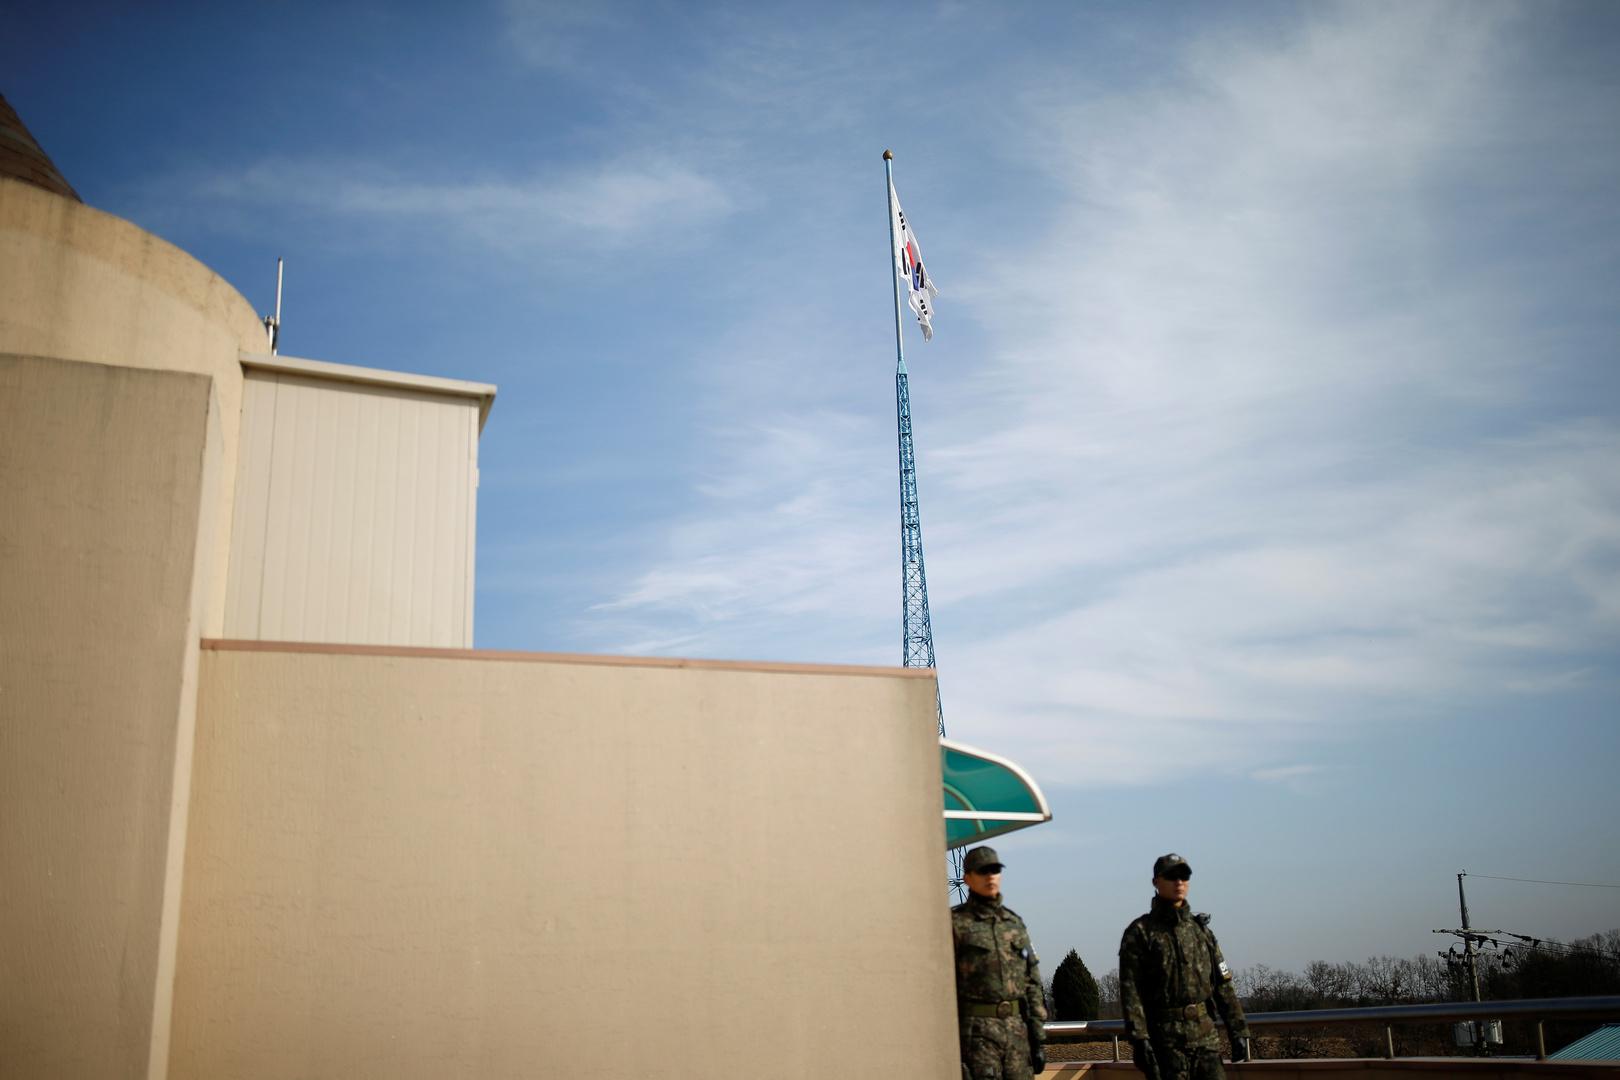 سيئول تعتزم تنفيذ الاتفاق العسكري بين الكوريتين في هذا العام